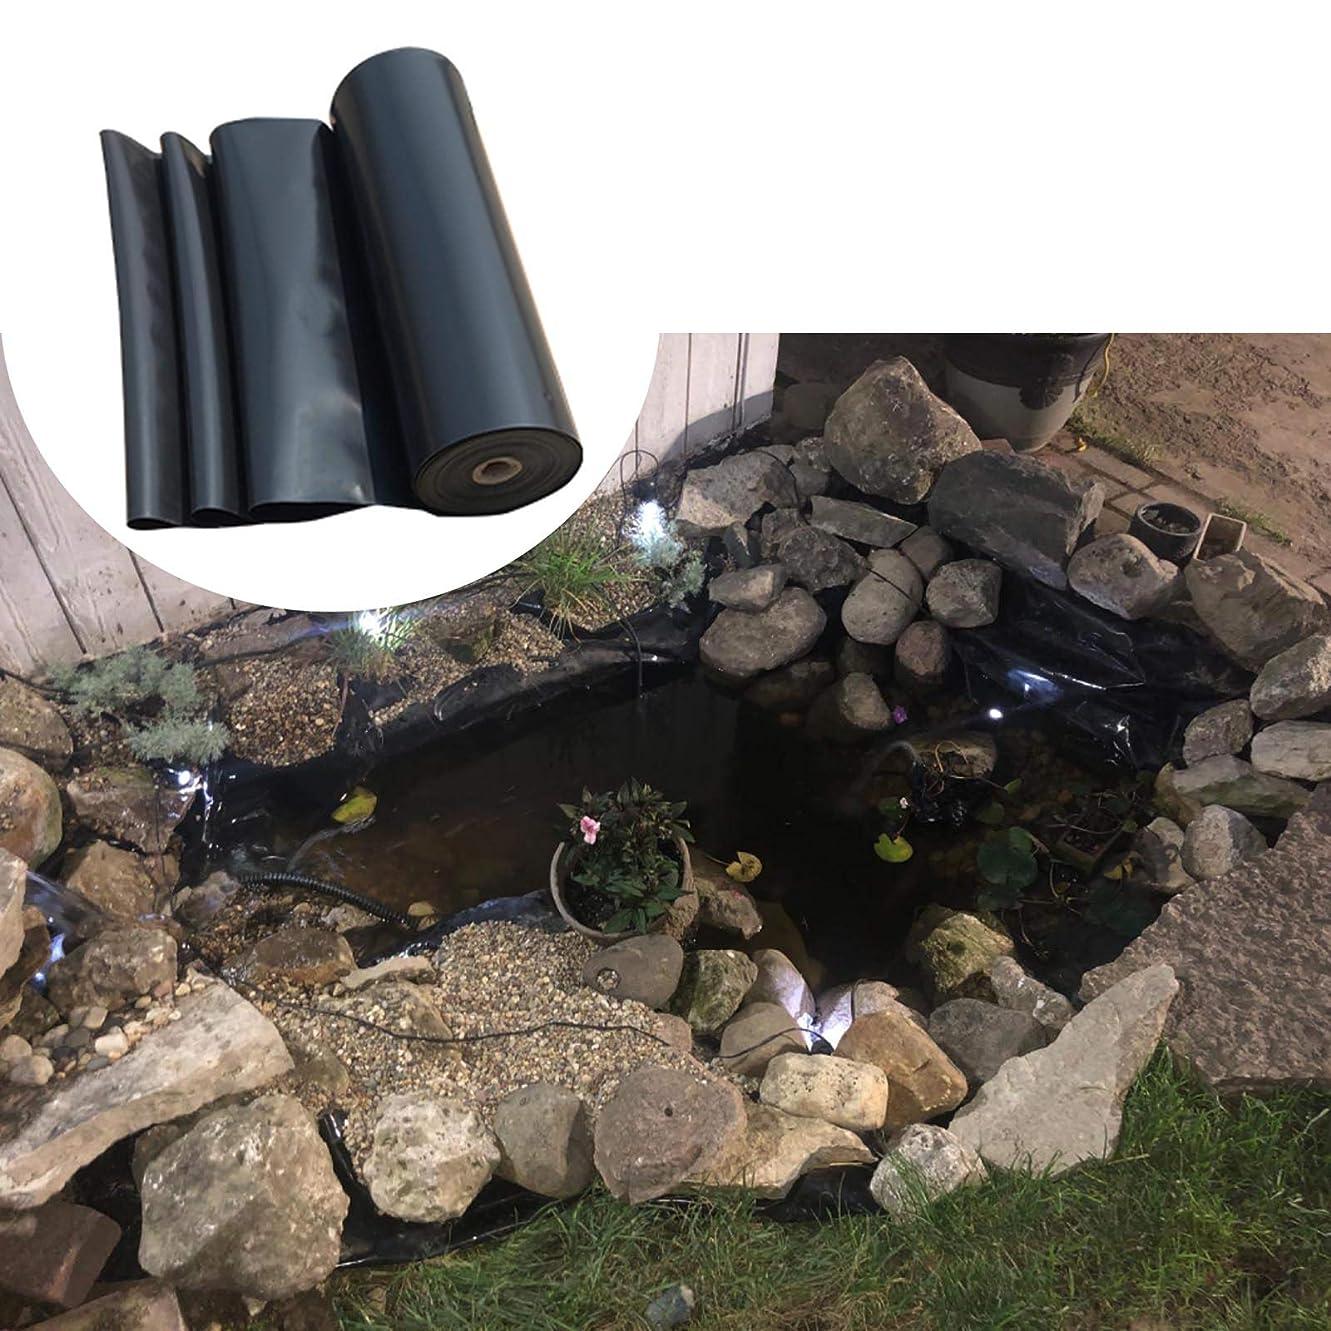 変成器トチの実の木検体池用防水シート 厚手 人工池用プールライナー 池ライナー 強化 造園 理想的な 池 鯉の池 ウォーターガーデン 噴水 2 x 5 m, 3 x 8 m, 4 x 7 m, 6 x 10 m